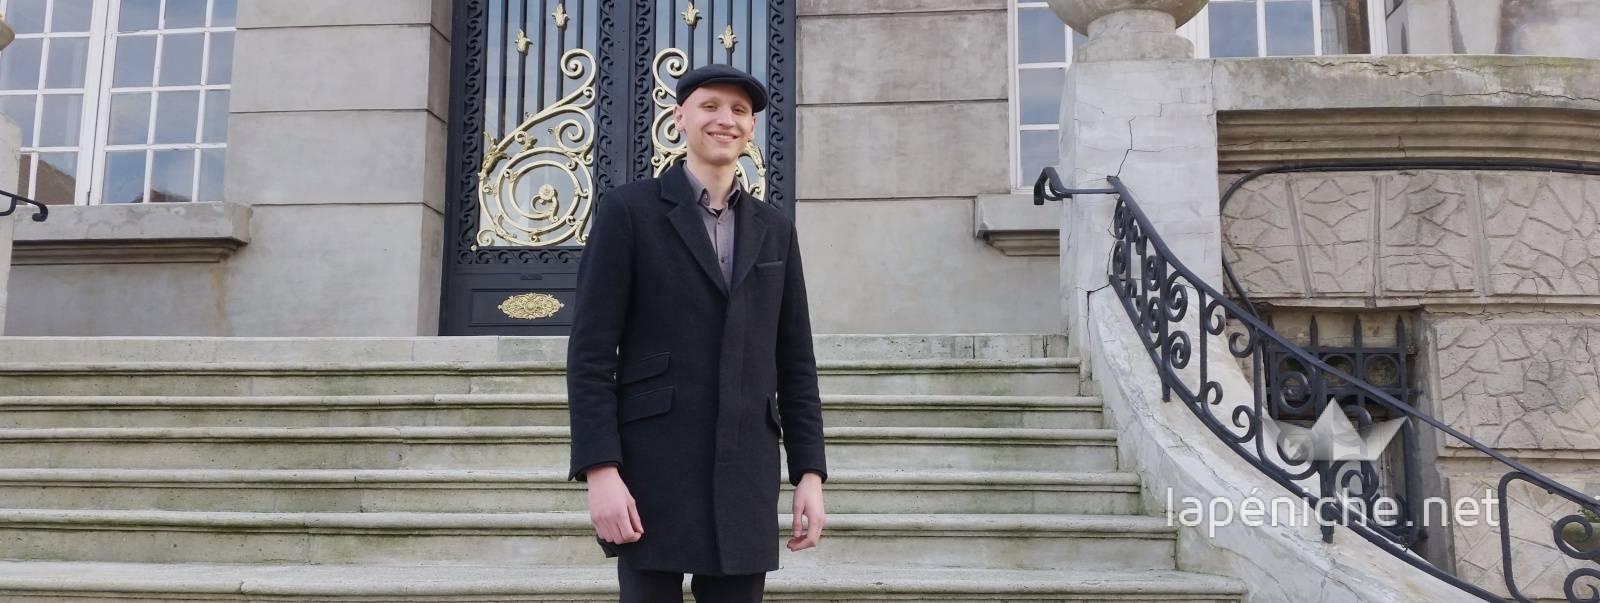 Octave Nitkowski devant la mairie d'Hénin-Beaumont.